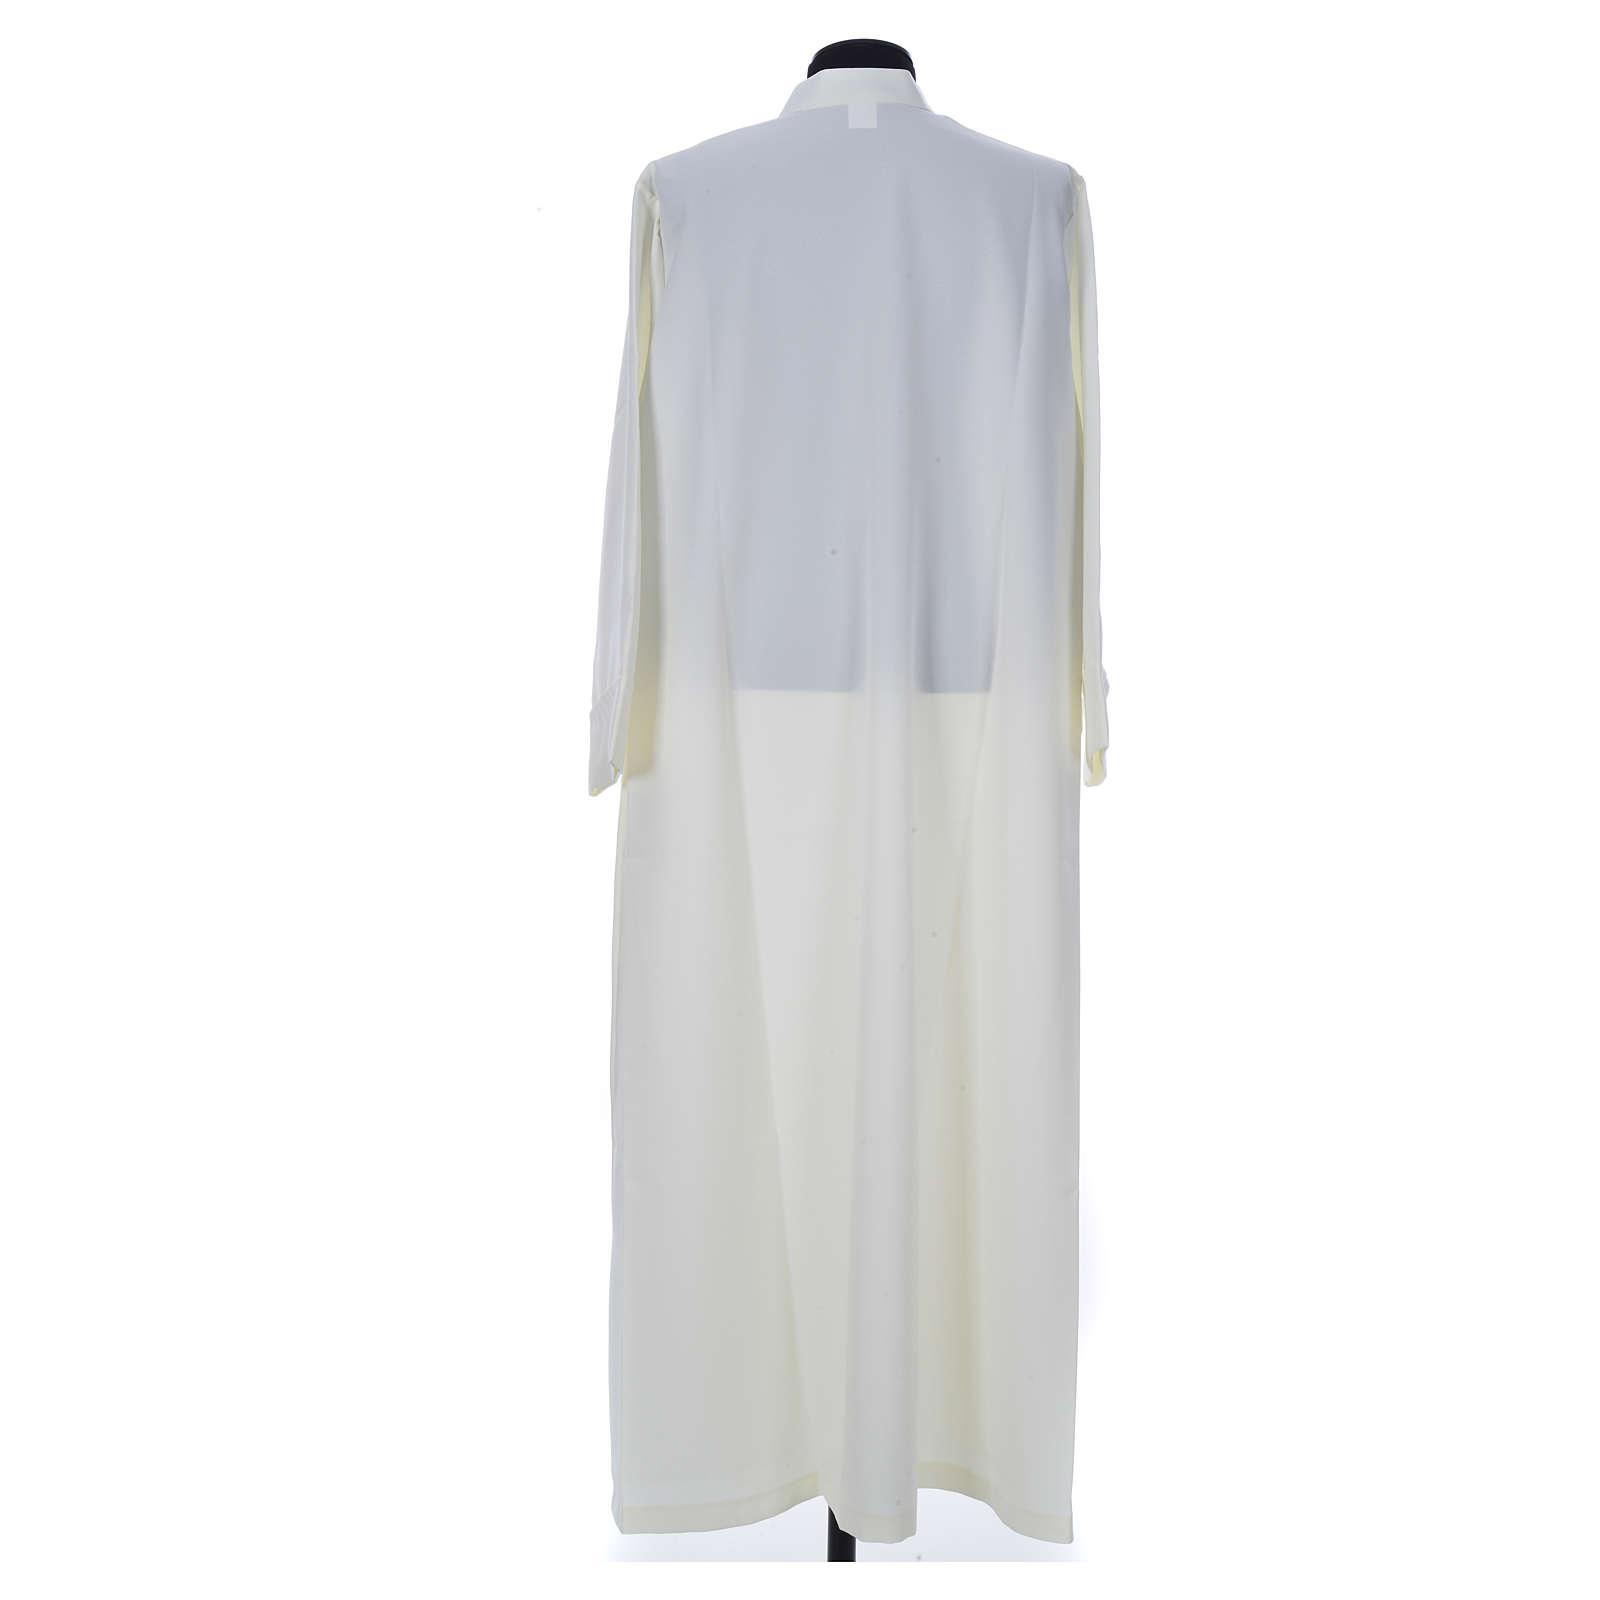 Aube liturgique ivoire simple 100% polyester fermeture devant 4